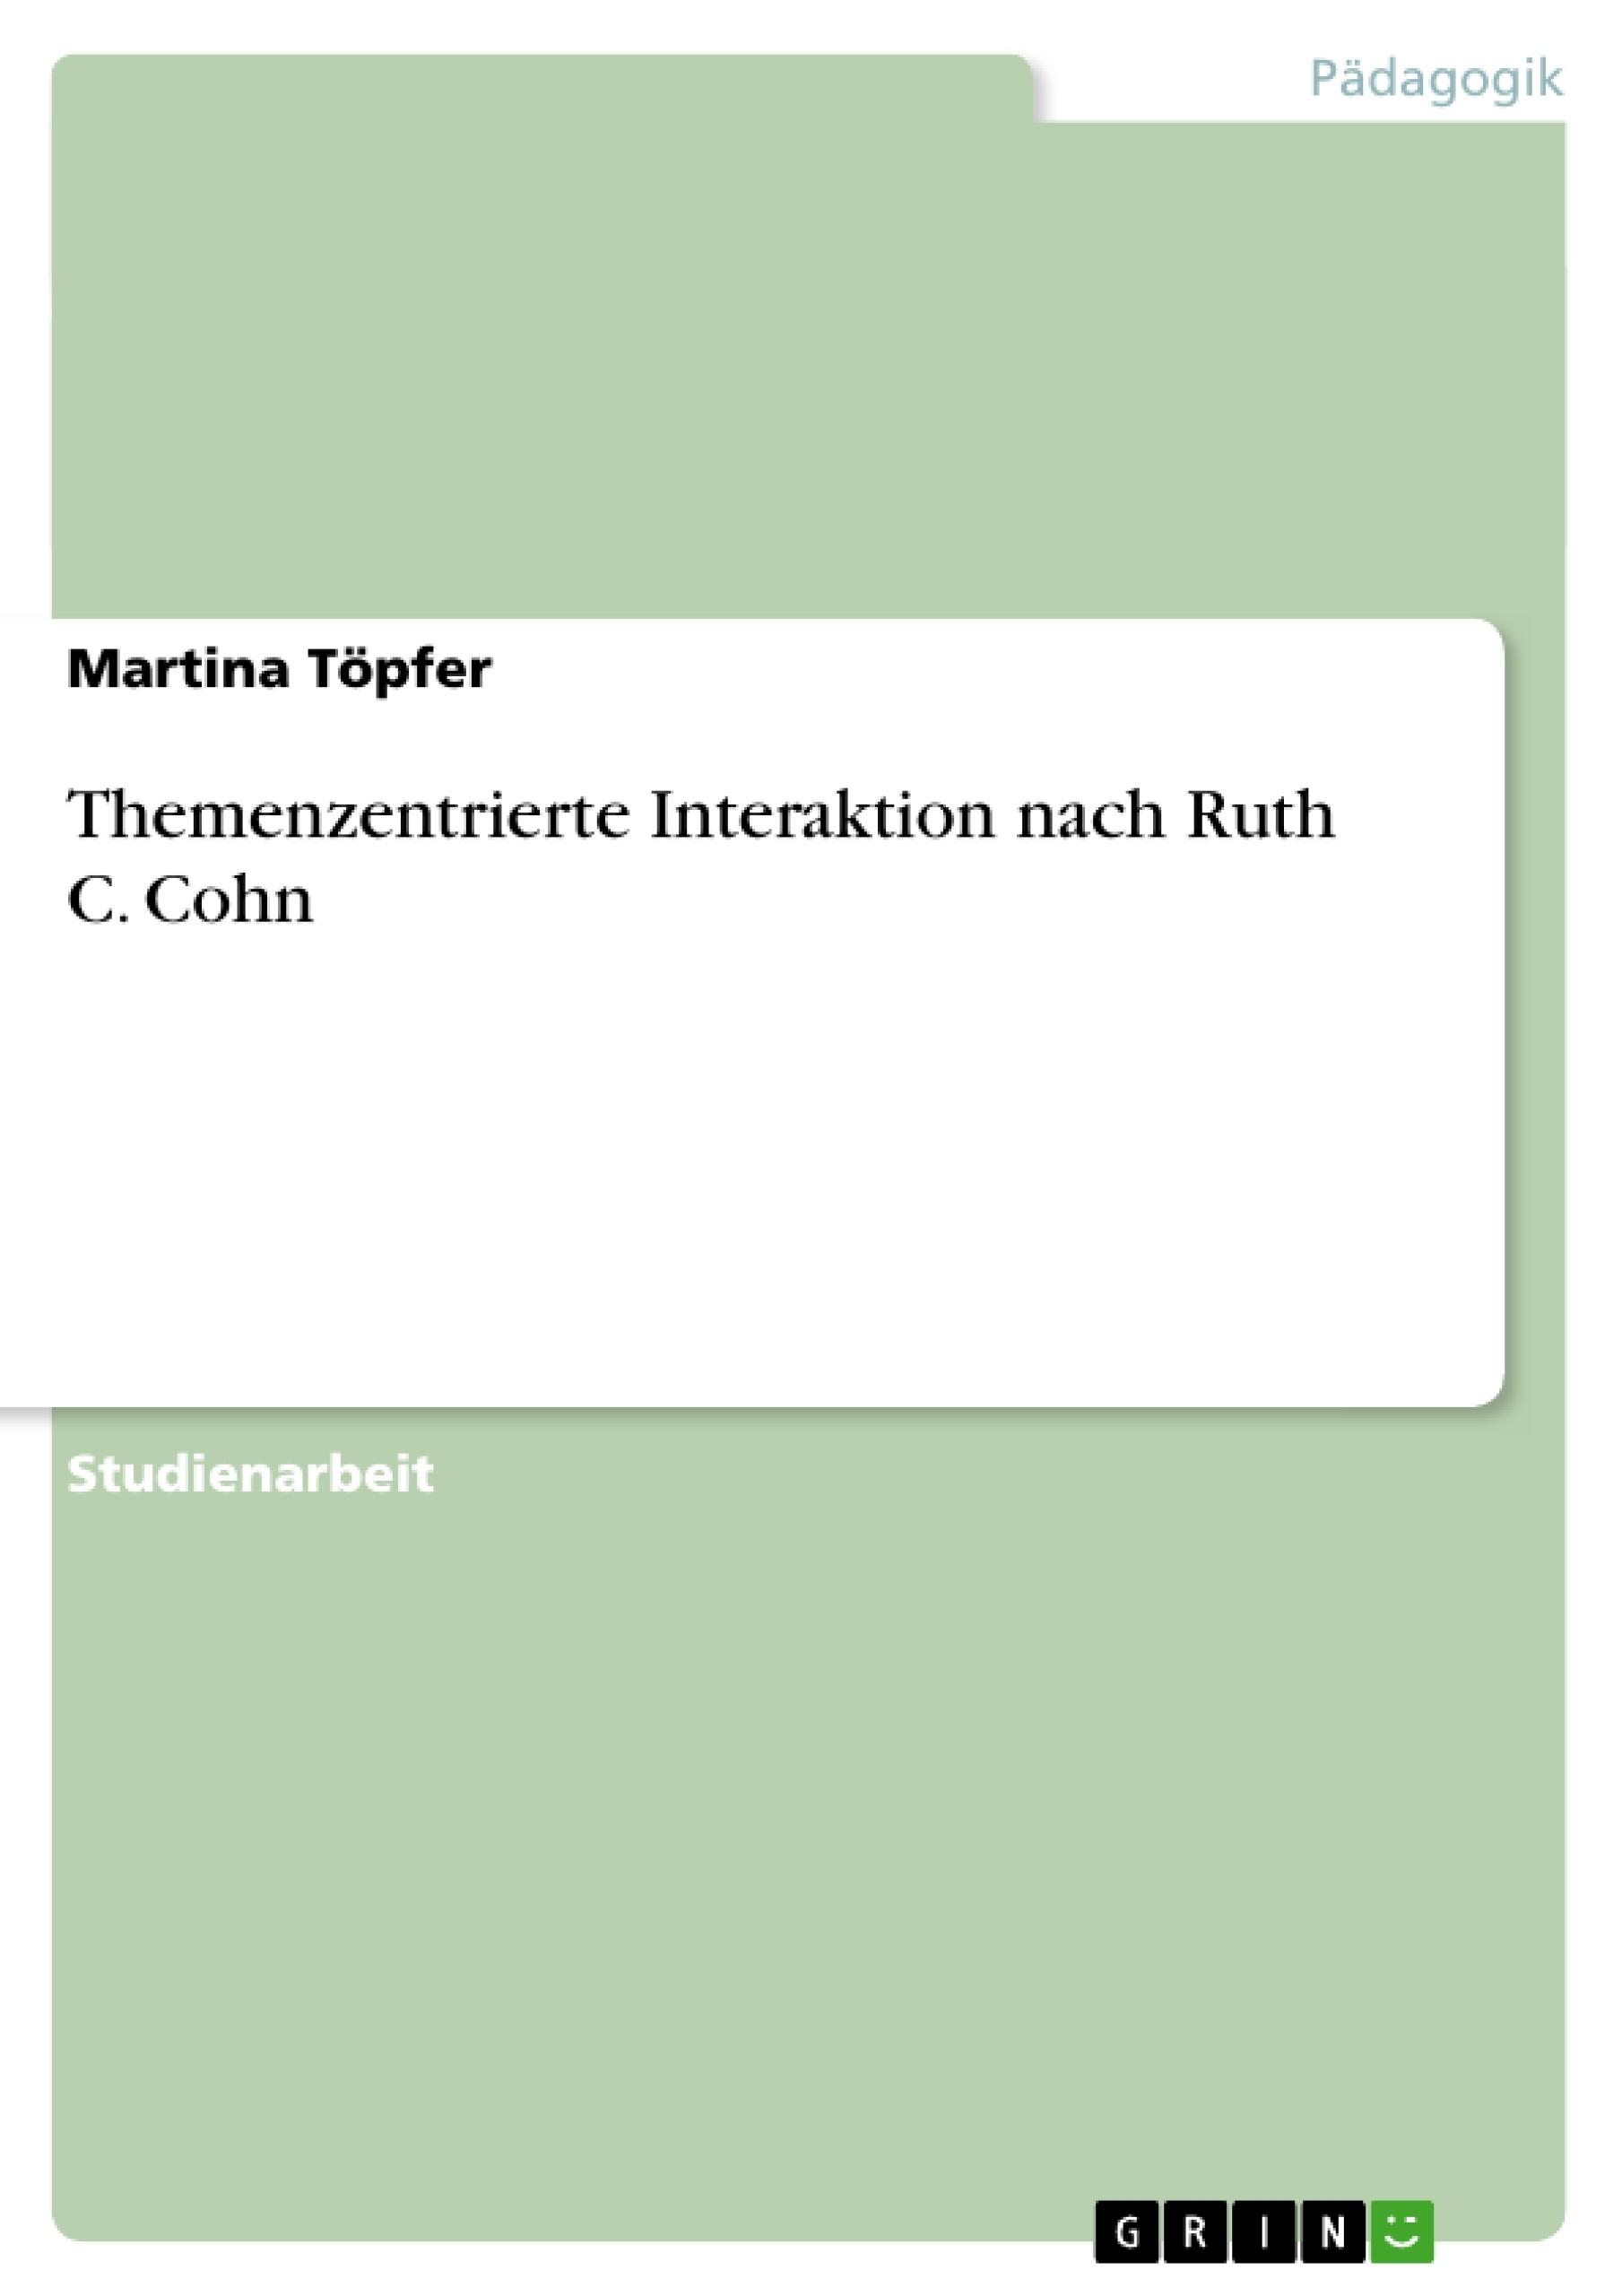 Titel: Themenzentrierte Interaktion nach Ruth C. Cohn